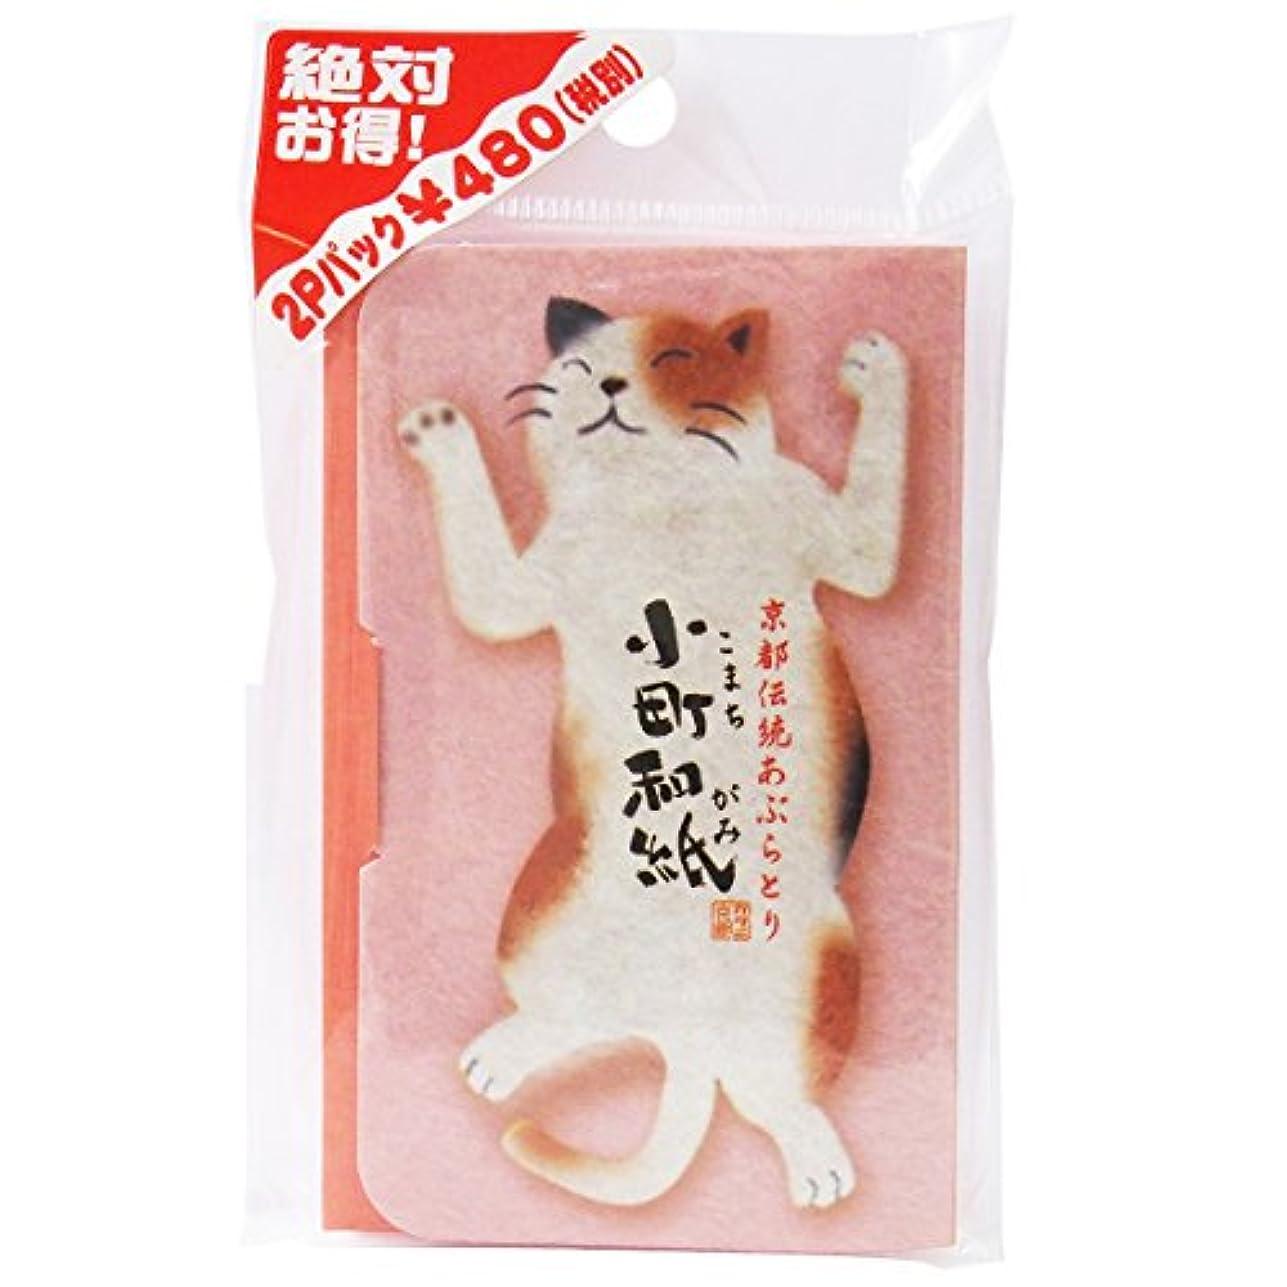 磁石自己尊重回転するカタニ 京都伝統あぶらとり 小町和紙 ごろ猫 (48枚入×2冊)